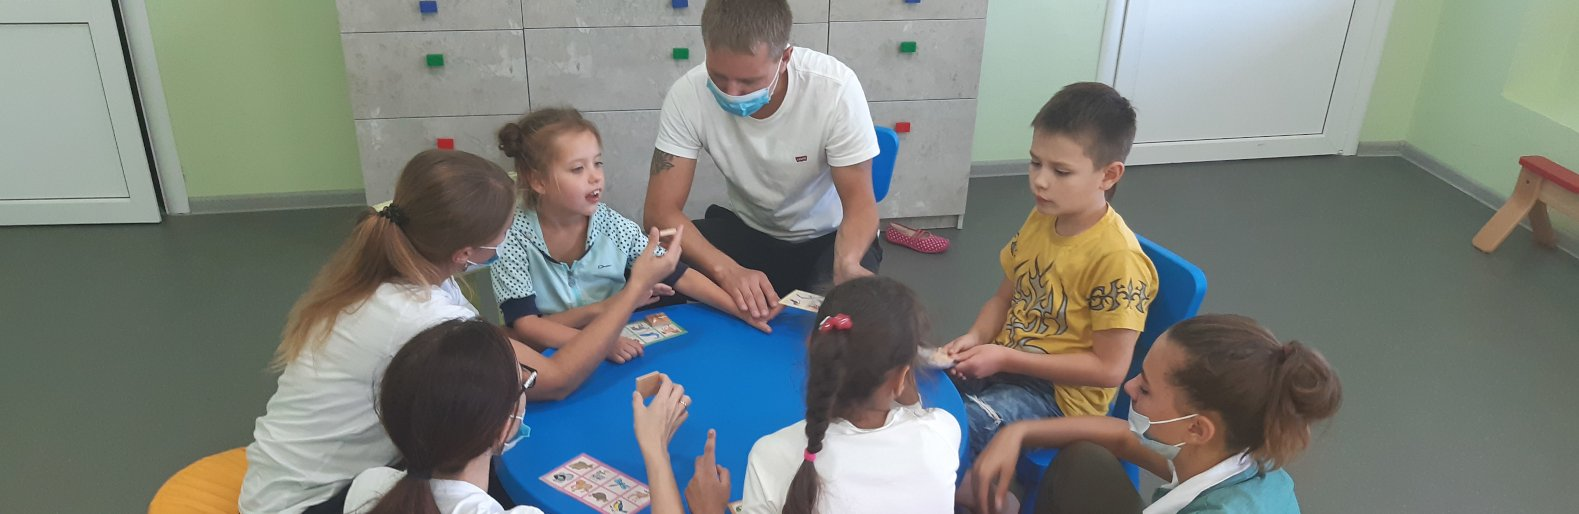 В Севастополе появится дом сопровождаемого проживания для семей с особыми детьми